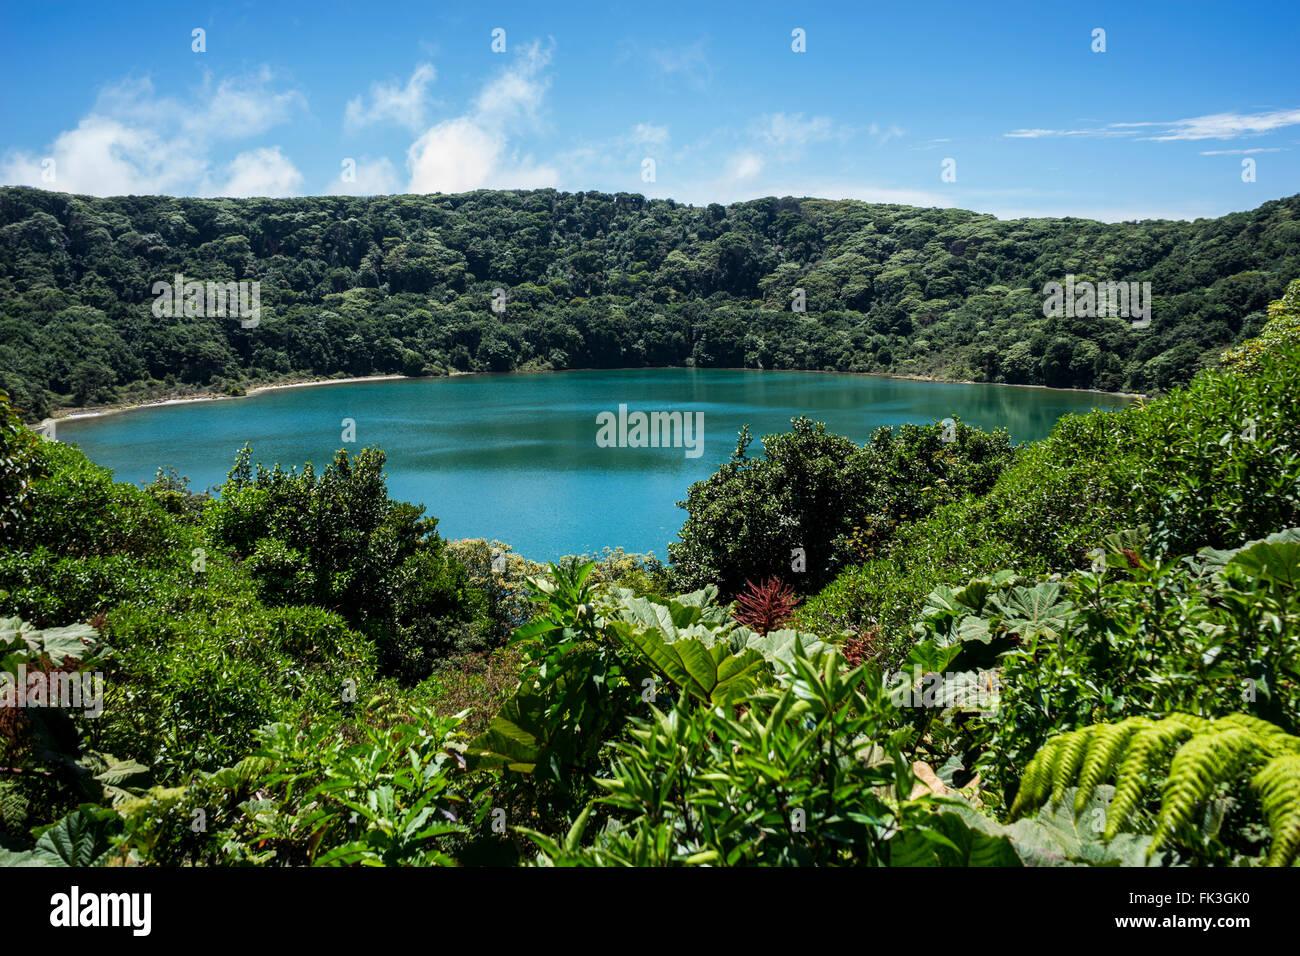 Lake Botos, Volcan Poas, Costa Rica - Stock Image